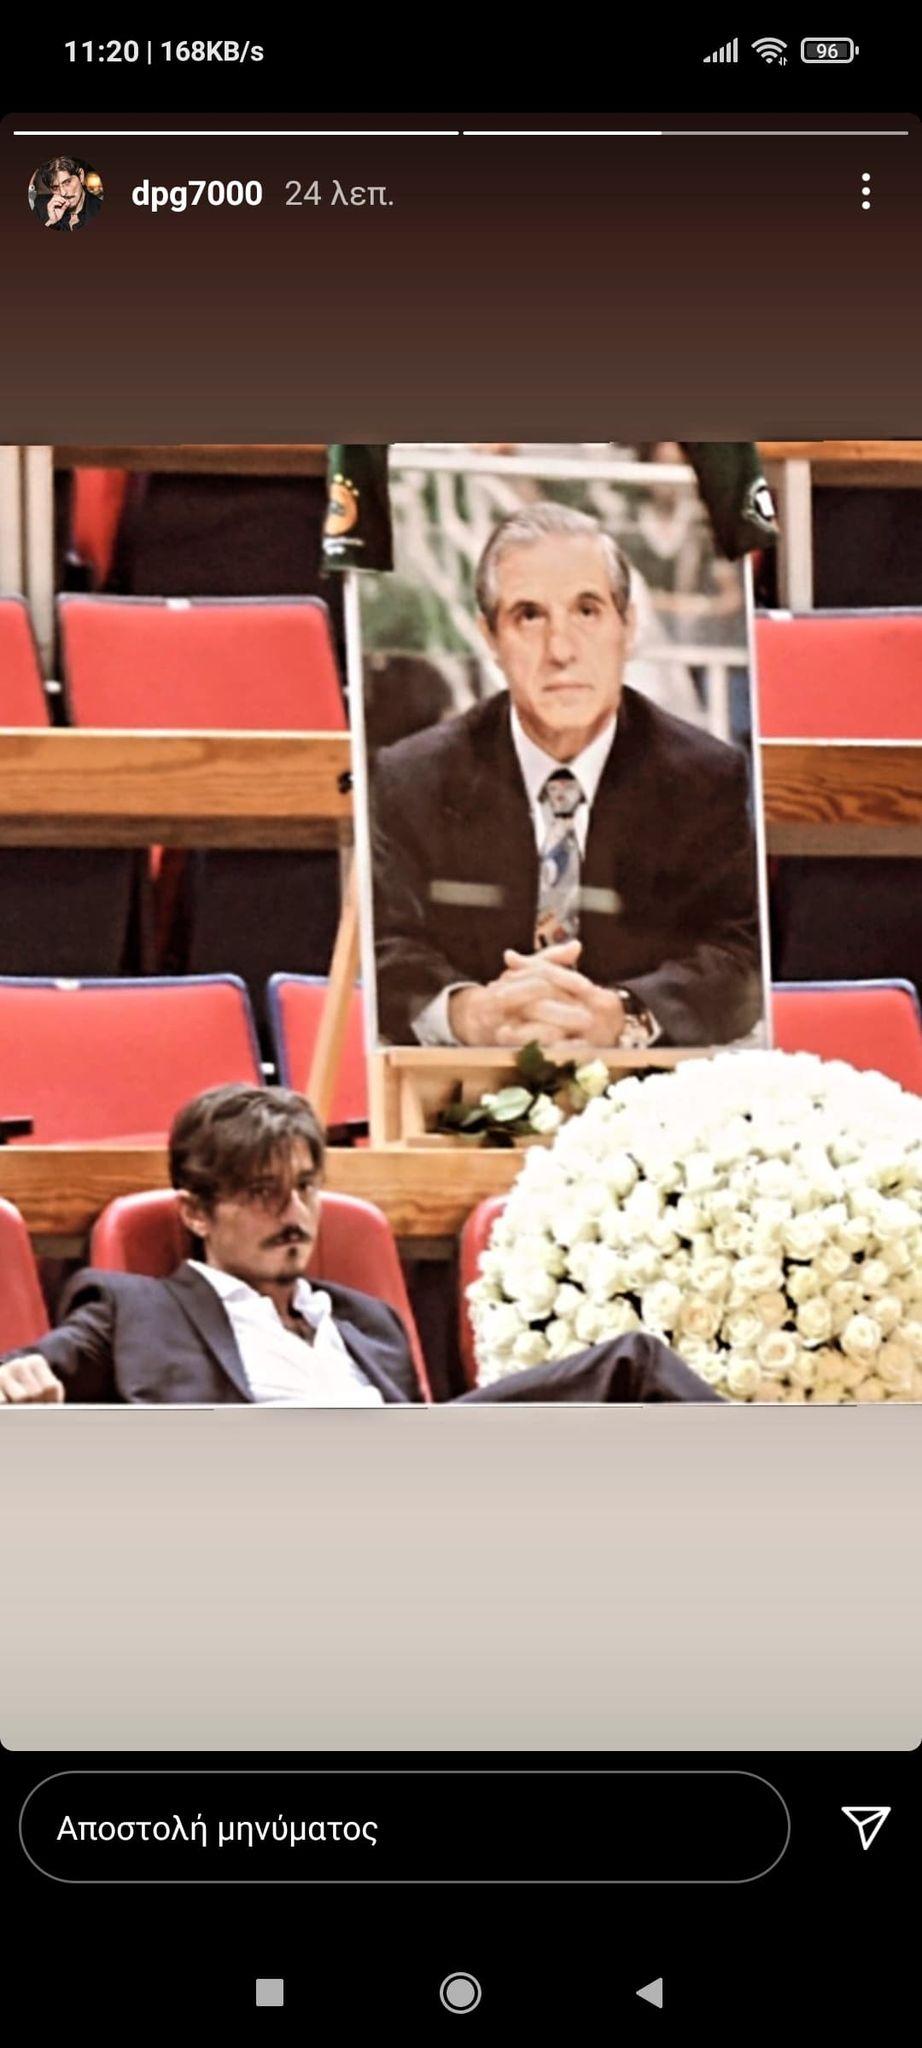 Τρία χρόνια χωρίς τον Παύλο: Συγκλονίζει η νέα ανάρτηση του Δημήτρη (pic)